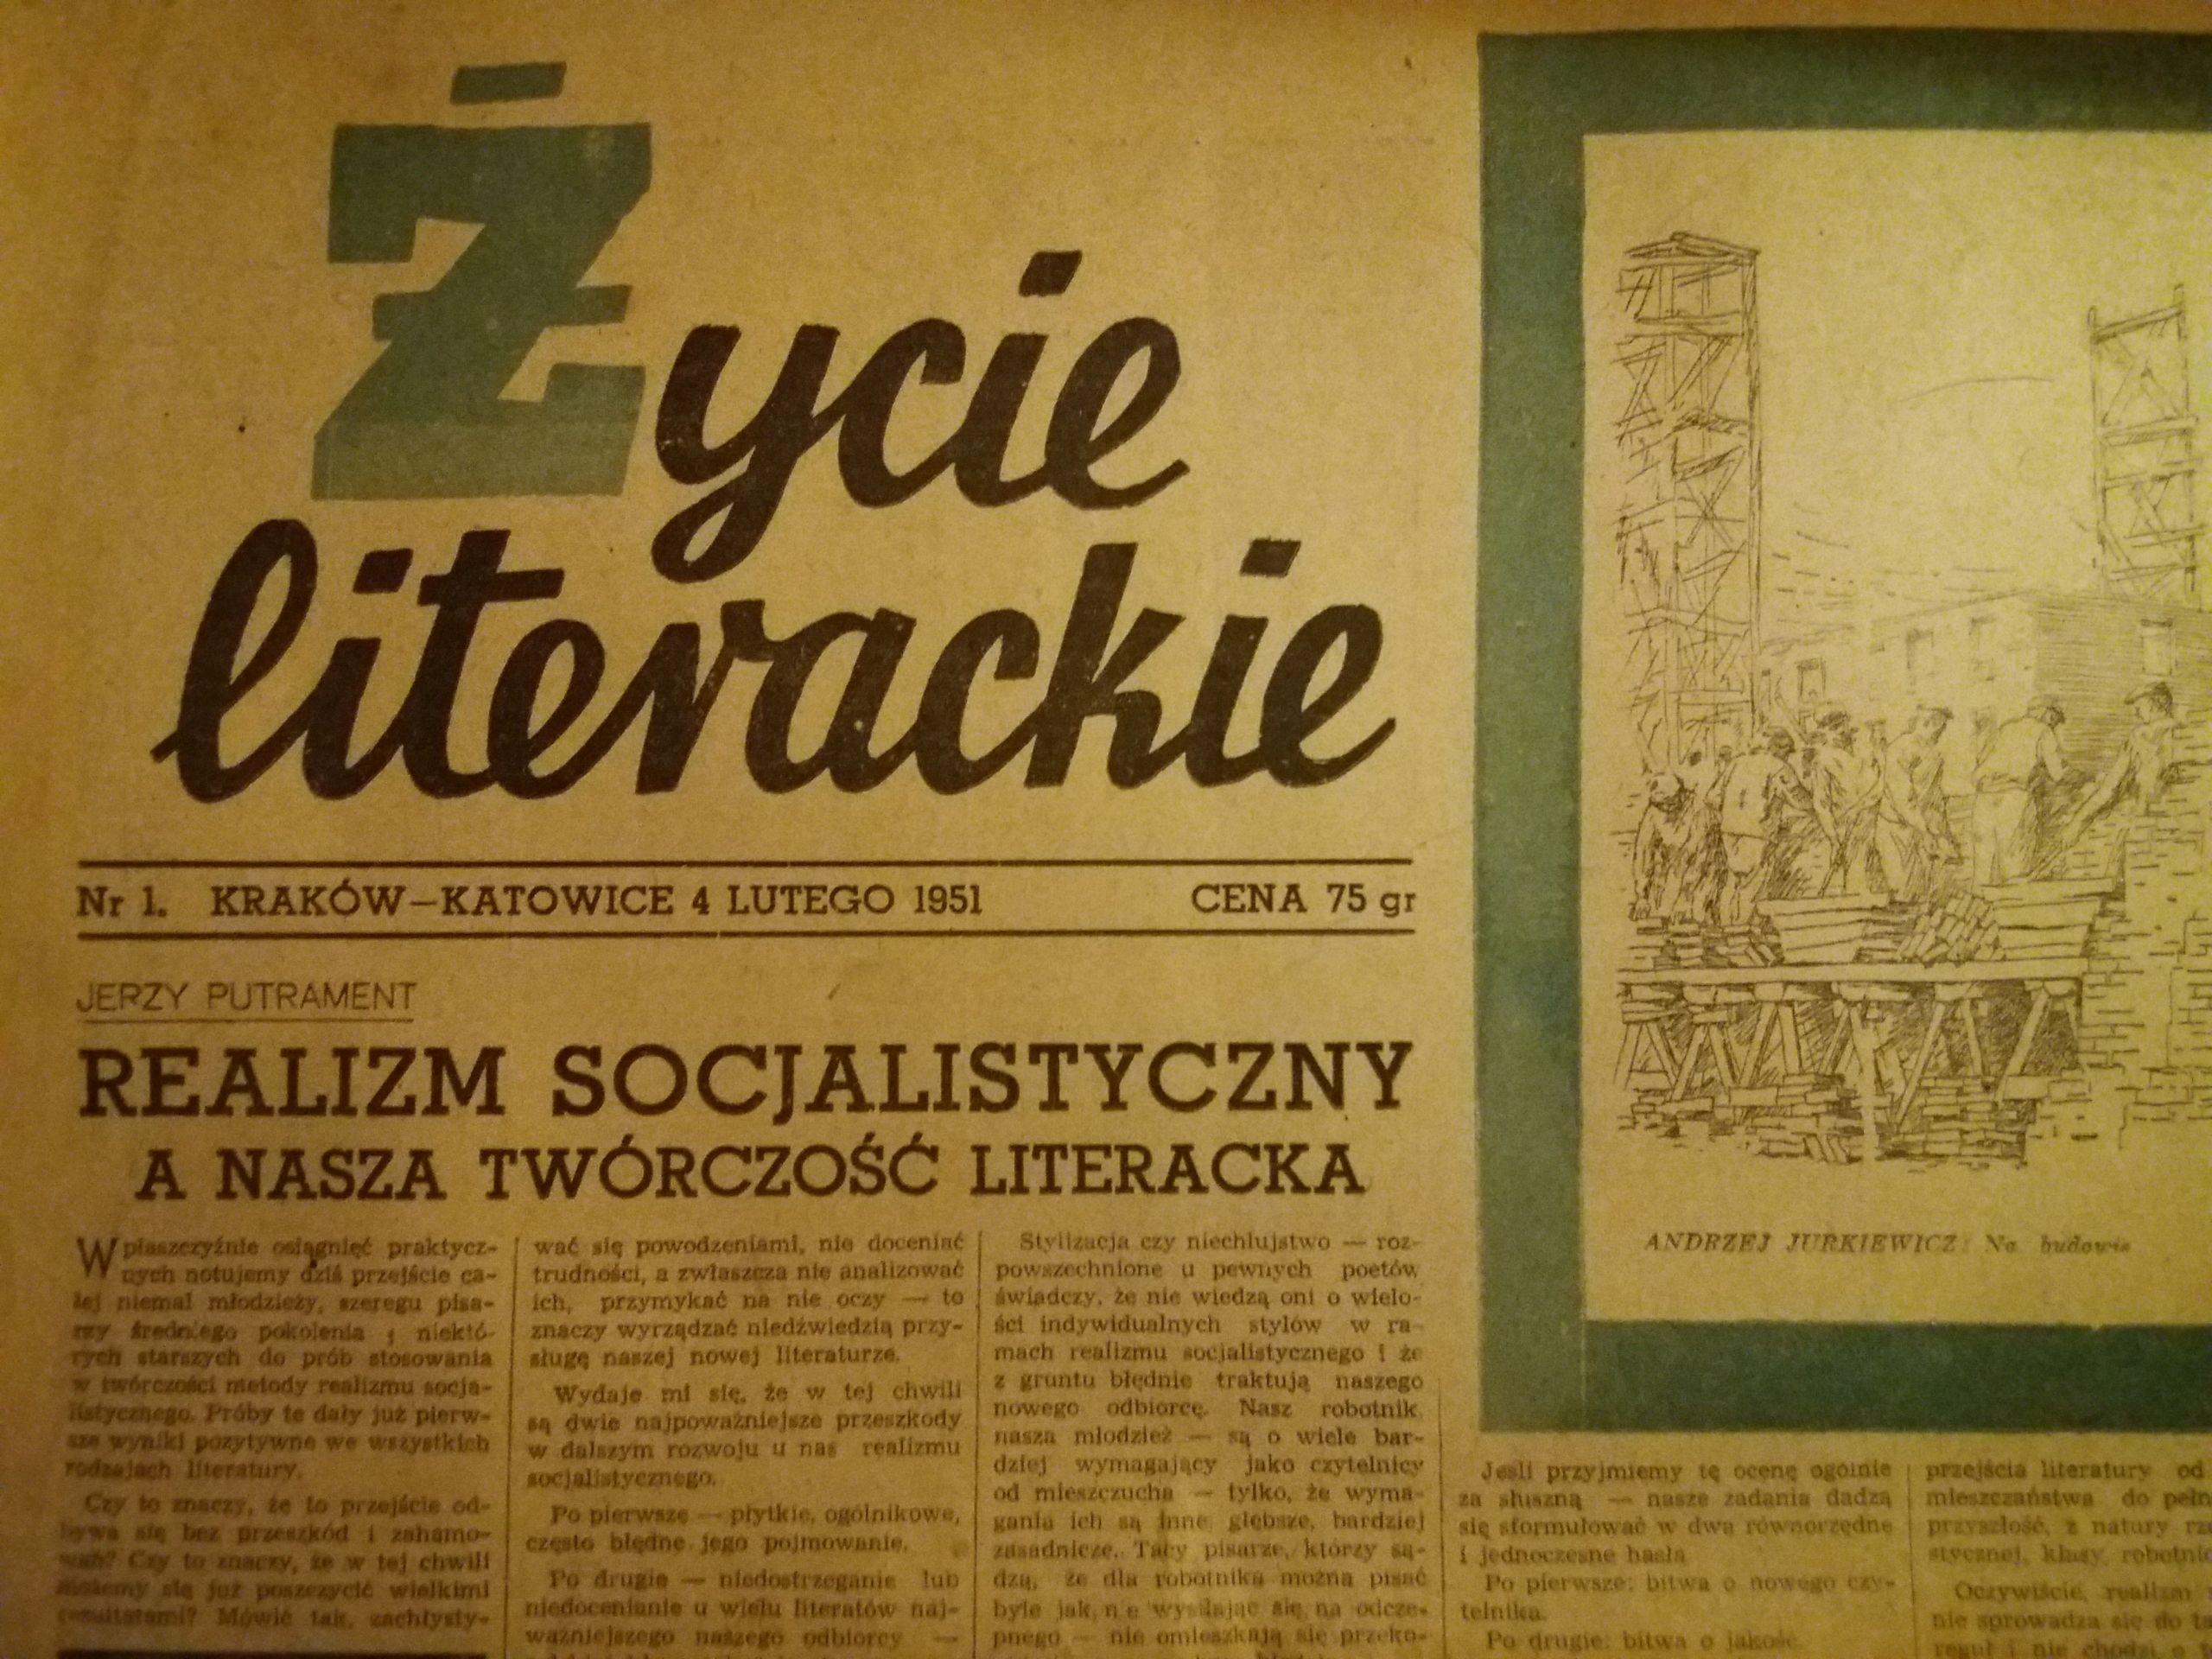 Zycie Literackie Nr 1 Z 1951 R Okazja 7719825583 Oficjalne Archiwum Allegro Playbill